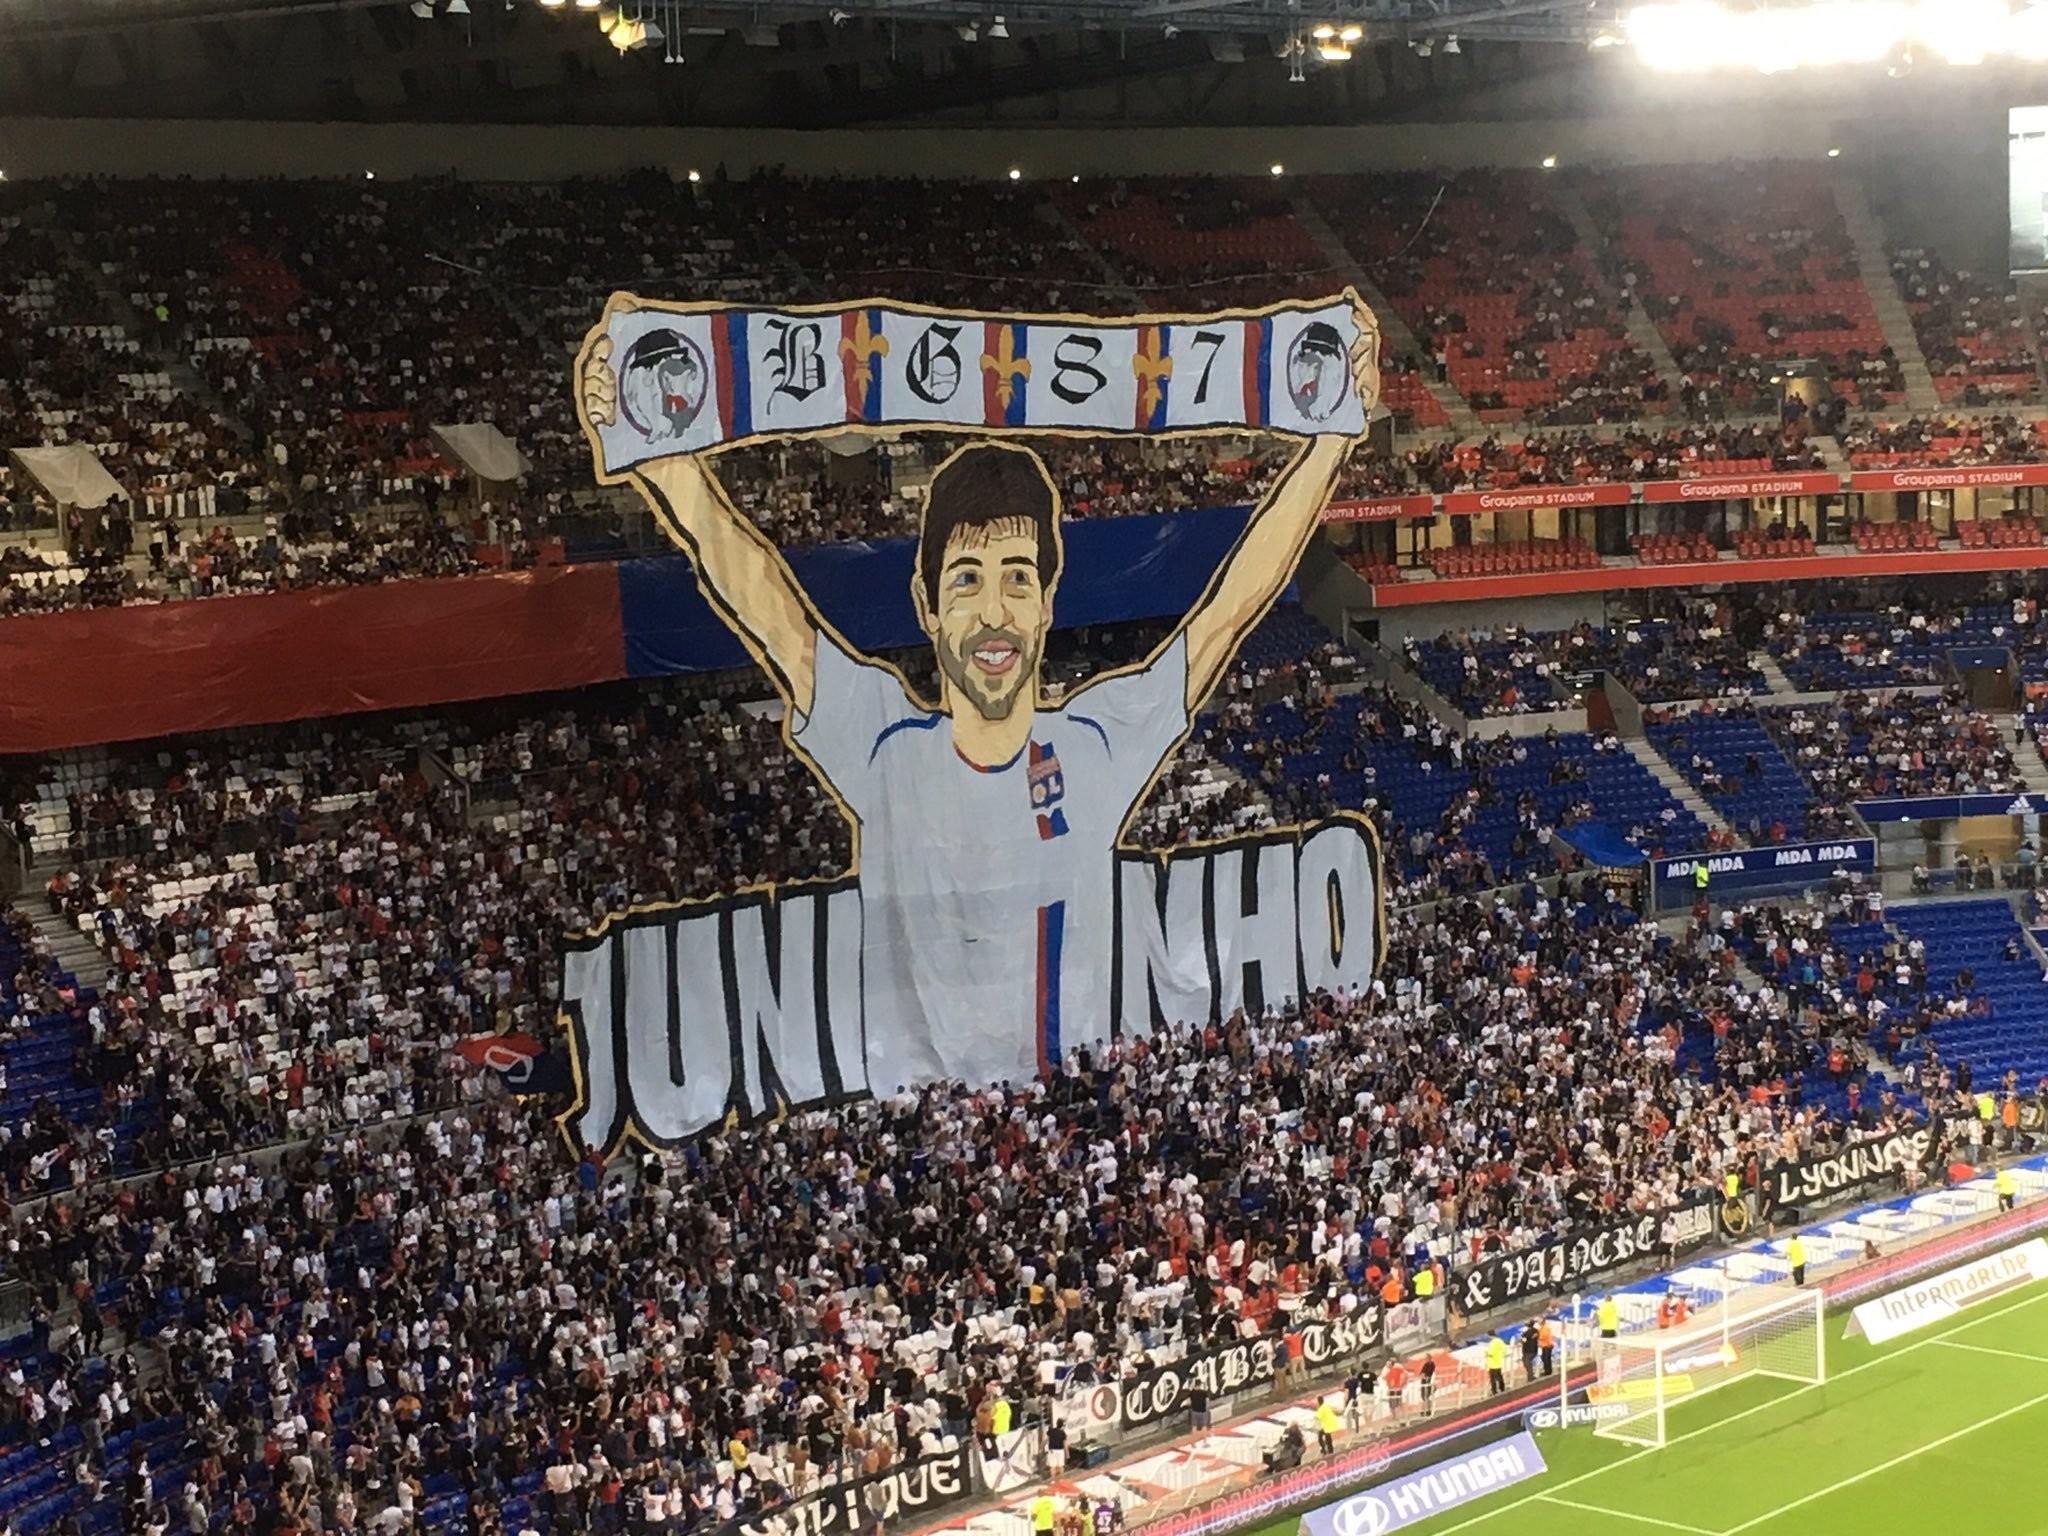 欢迎回归!里昂球迷主场挂出大型Tifo欢迎小儒尼尼奥